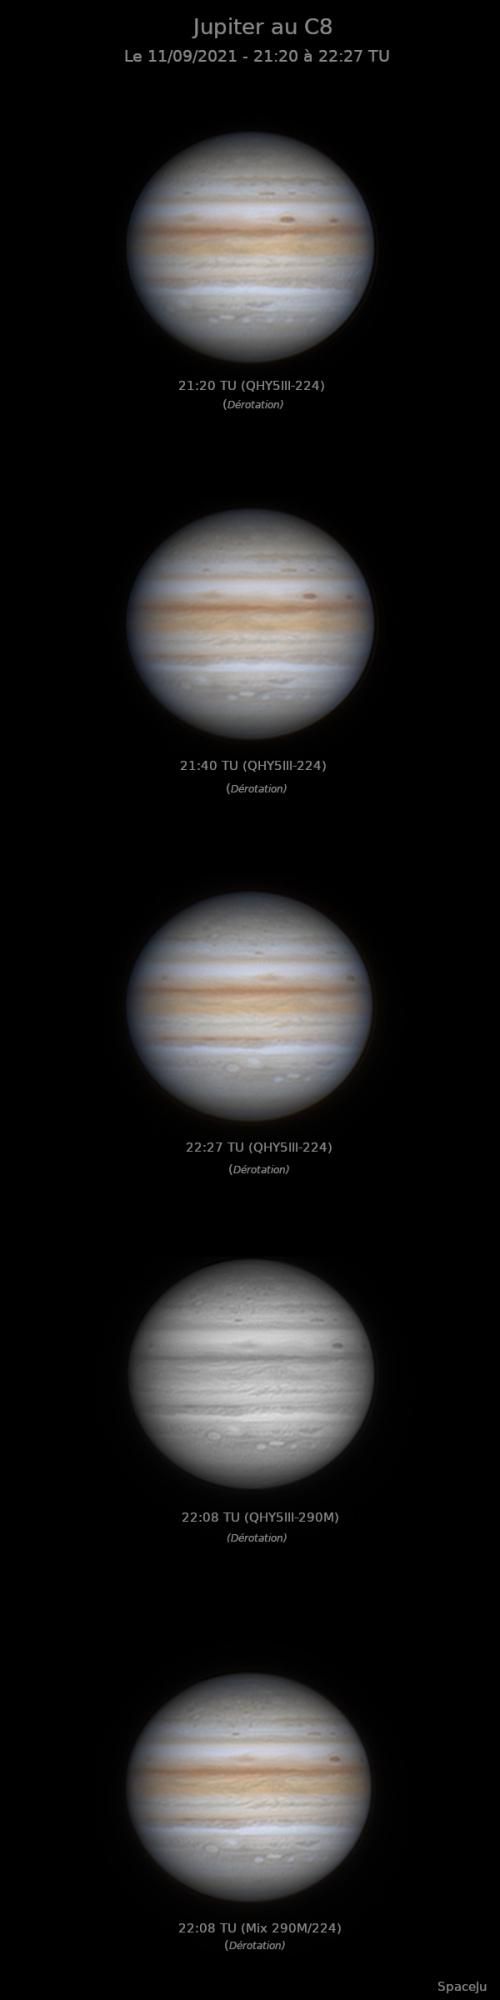 2021-09-11-Jupis.thumb.jpg.2b96e3f56953832be57402b24cc217a3.jpg